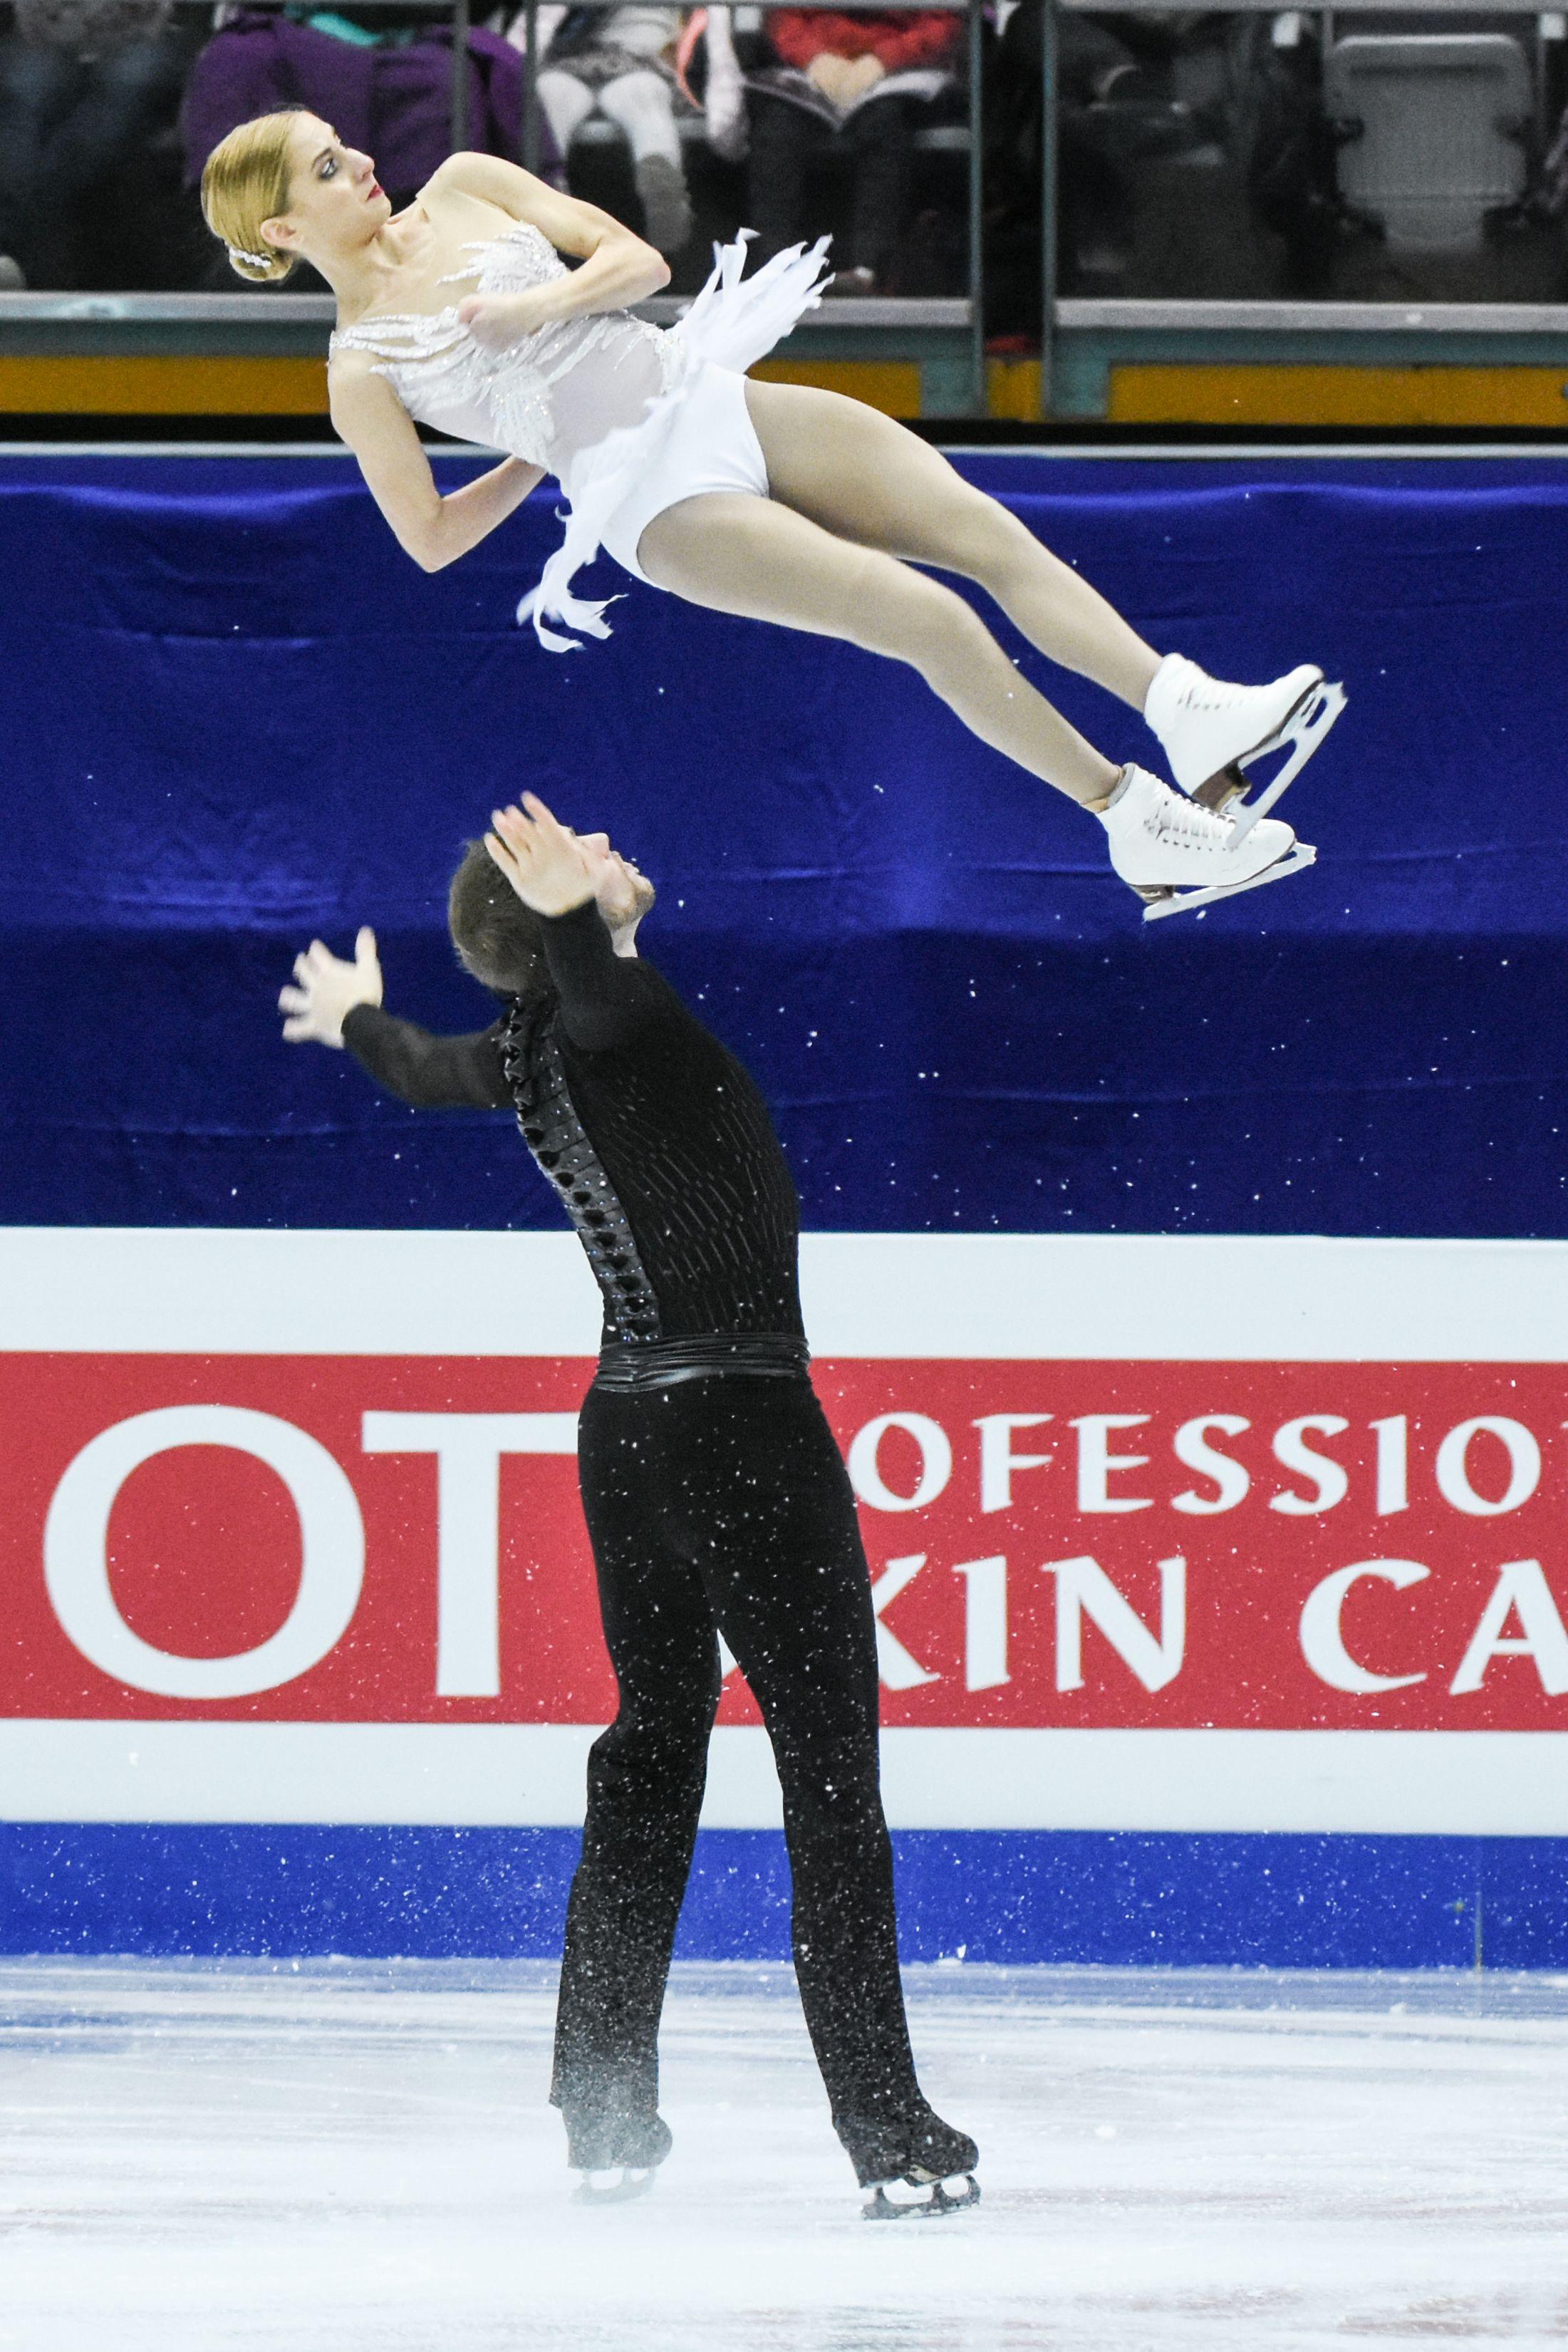 四大洲花式滑冰錦標賽雙人長曲美國選手Tarah Kayne、Danny O''shea。 圖/記者林敬旻攝